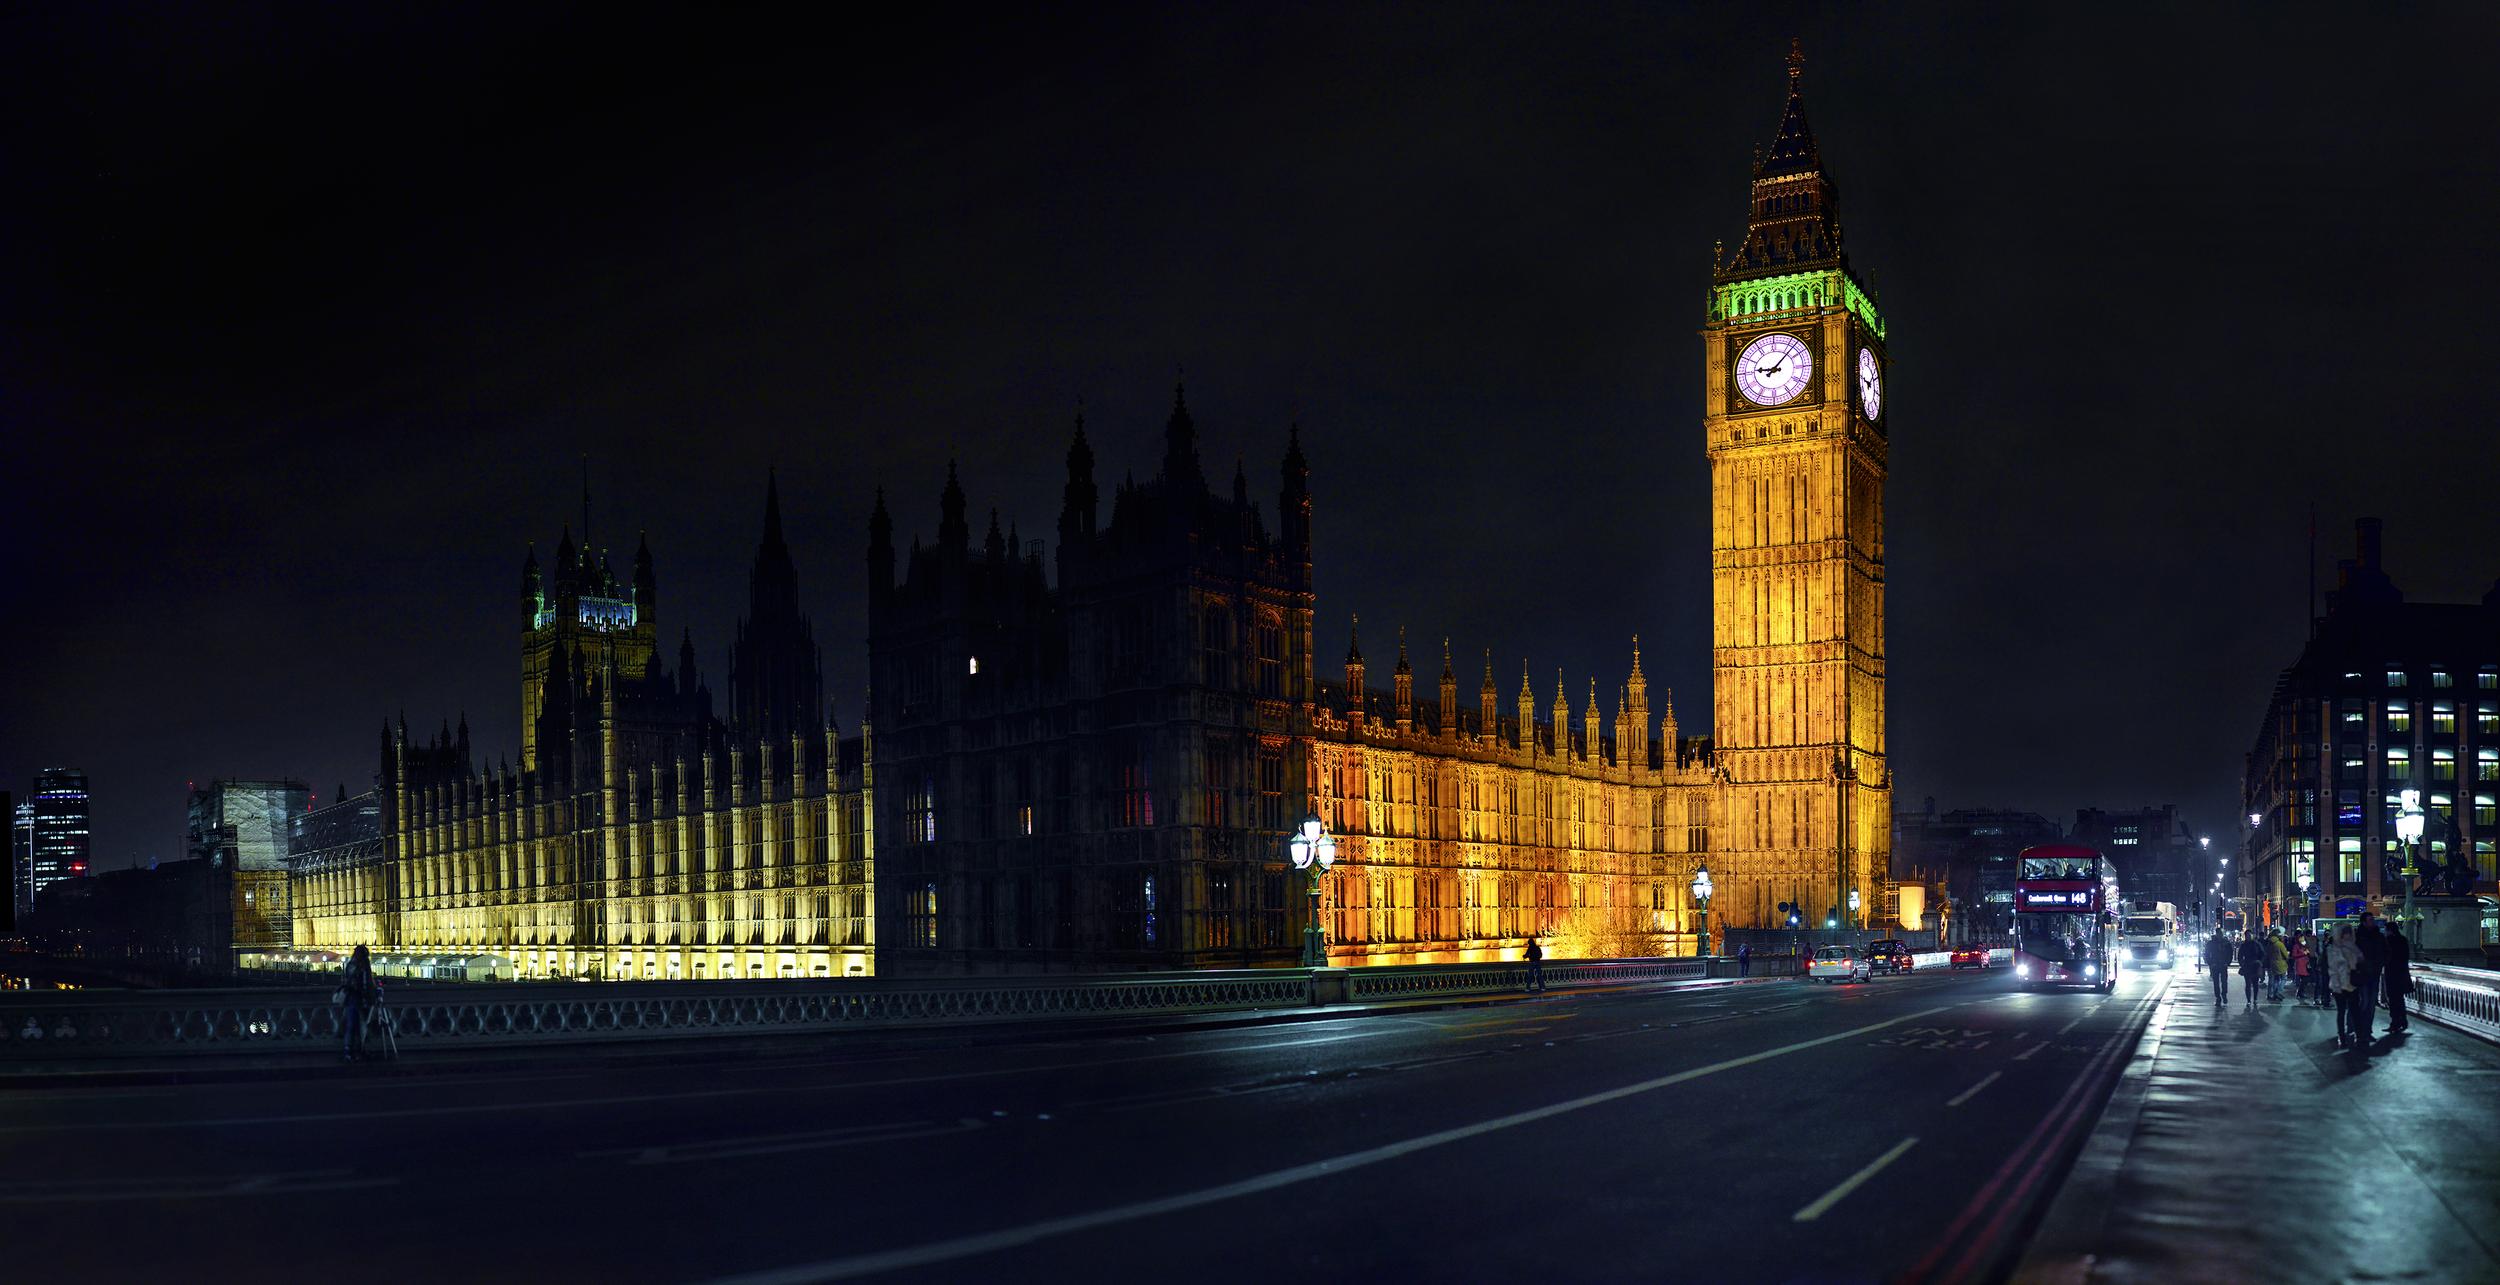 イギリス:「ビッグベン (エリザベスタワー)/Big Ben (Elizabeth Tower)」